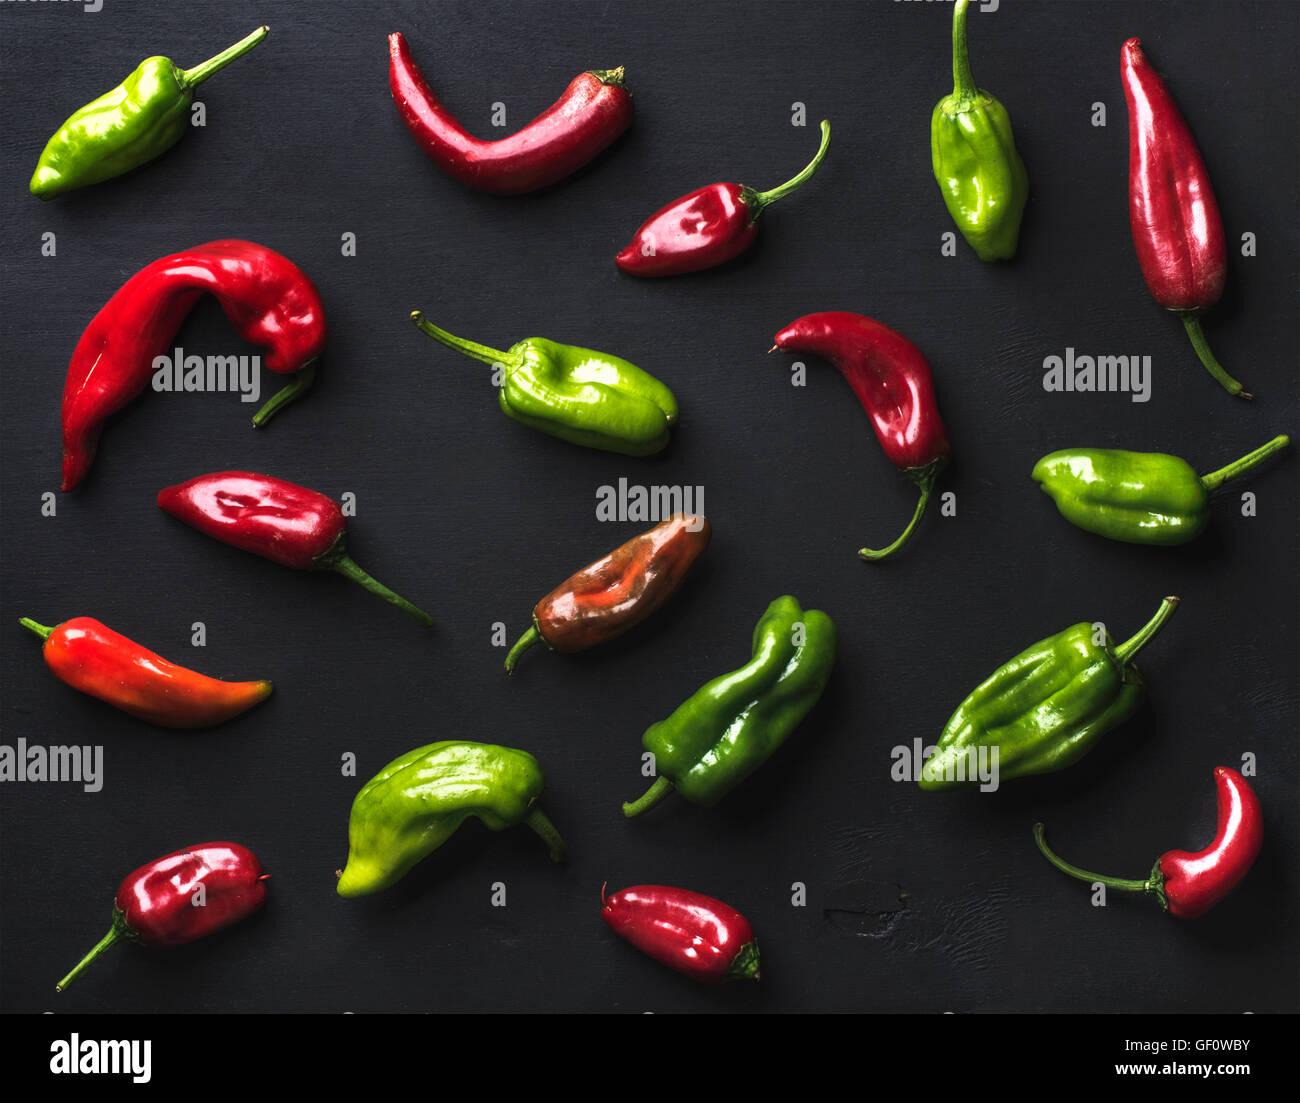 Motif de petits piments chauds colorés sur fond noir Photo Stock